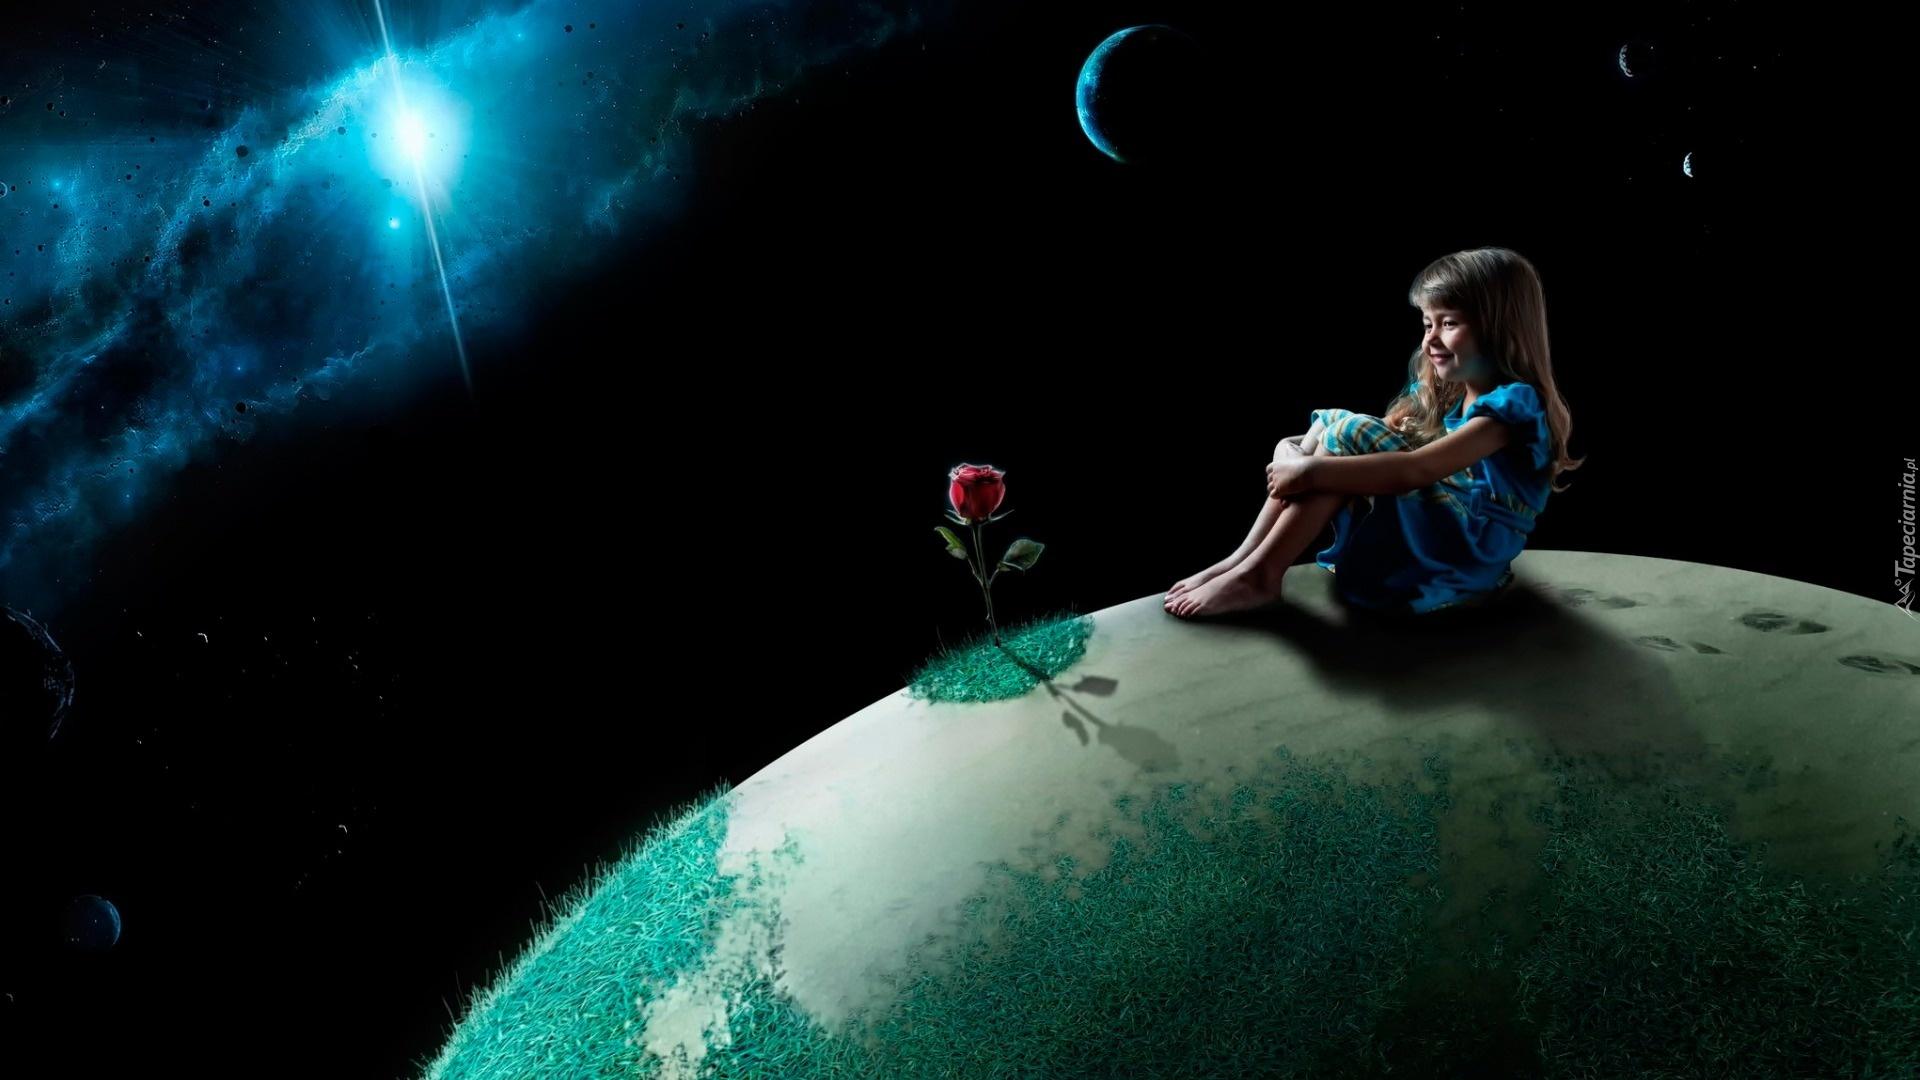 Sunrise 3d Wallpaper Fantasy Kosmos Planety Dziewczynka R 243 ża